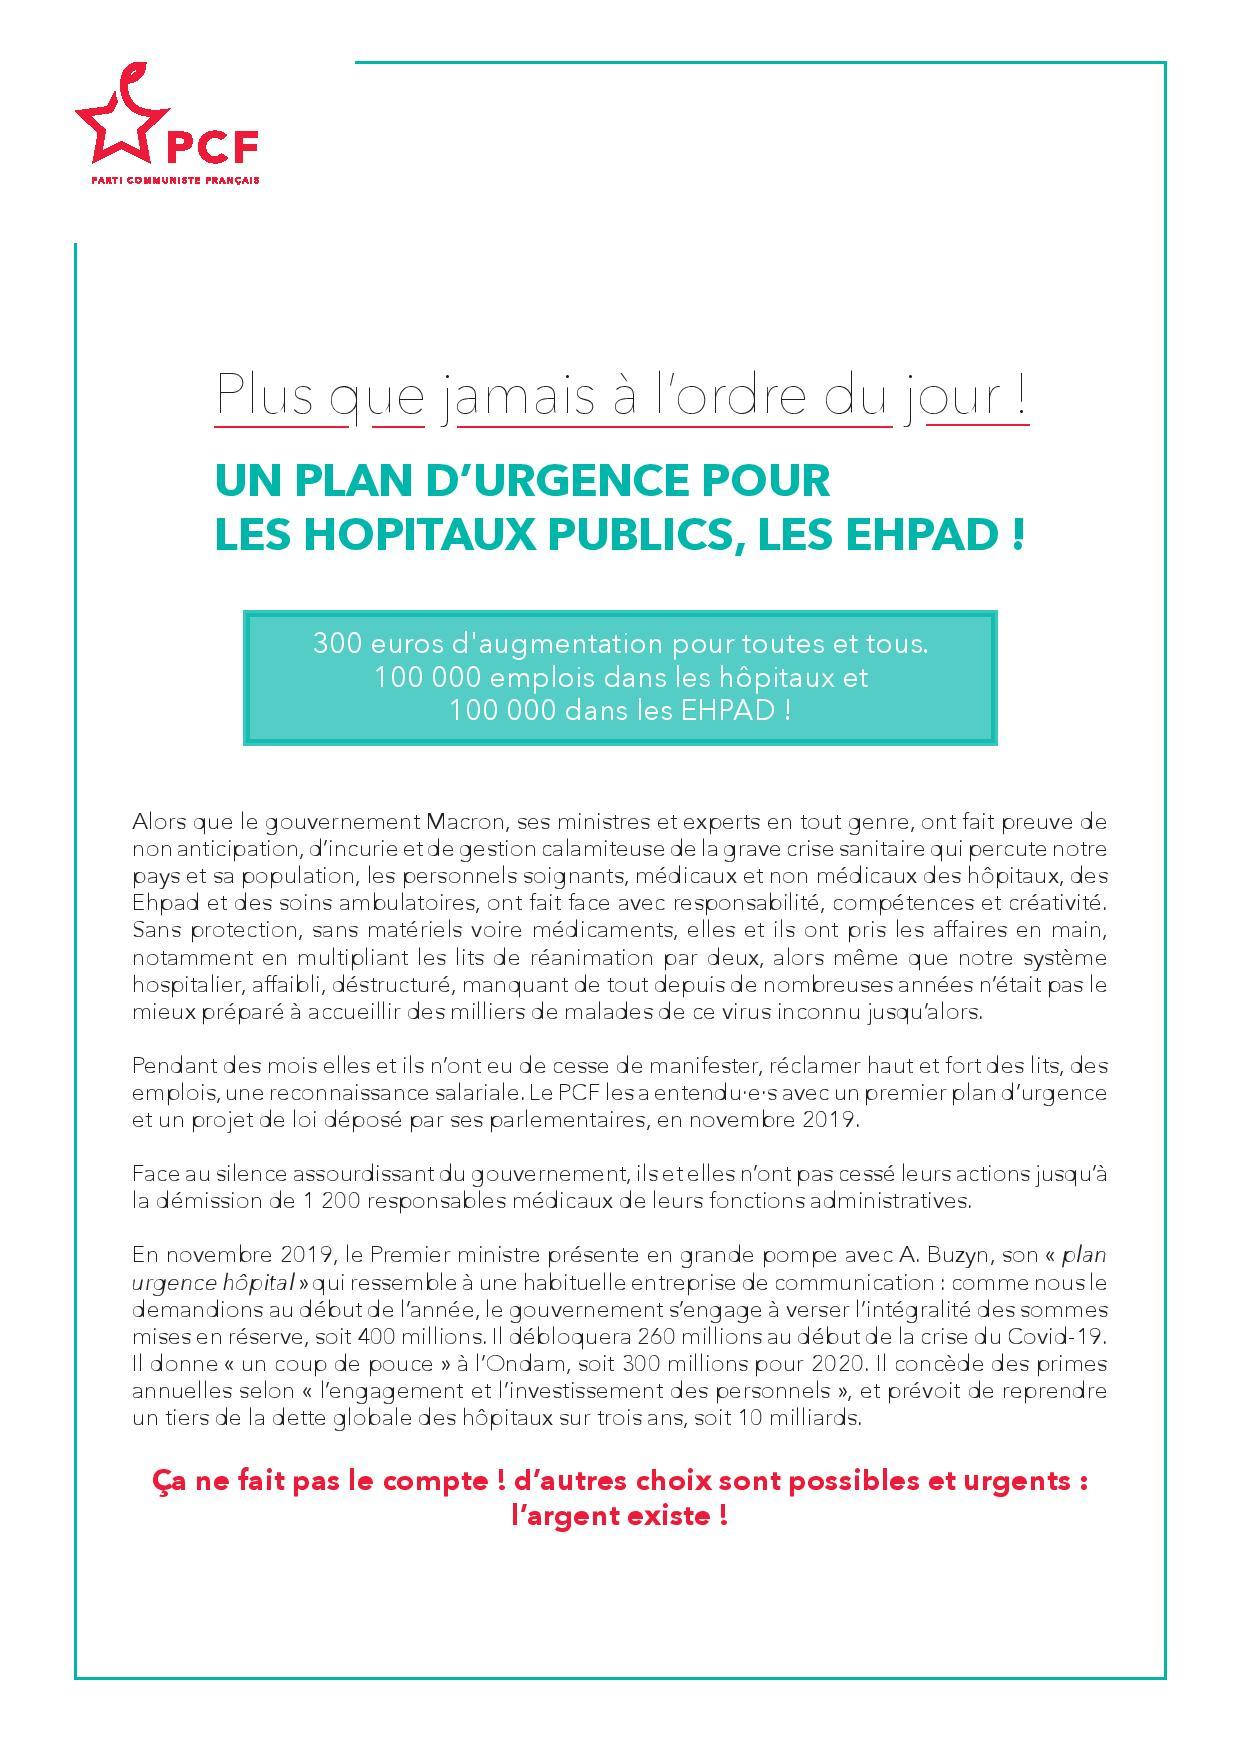 pcf-plan_sante-1-page-001.jpg